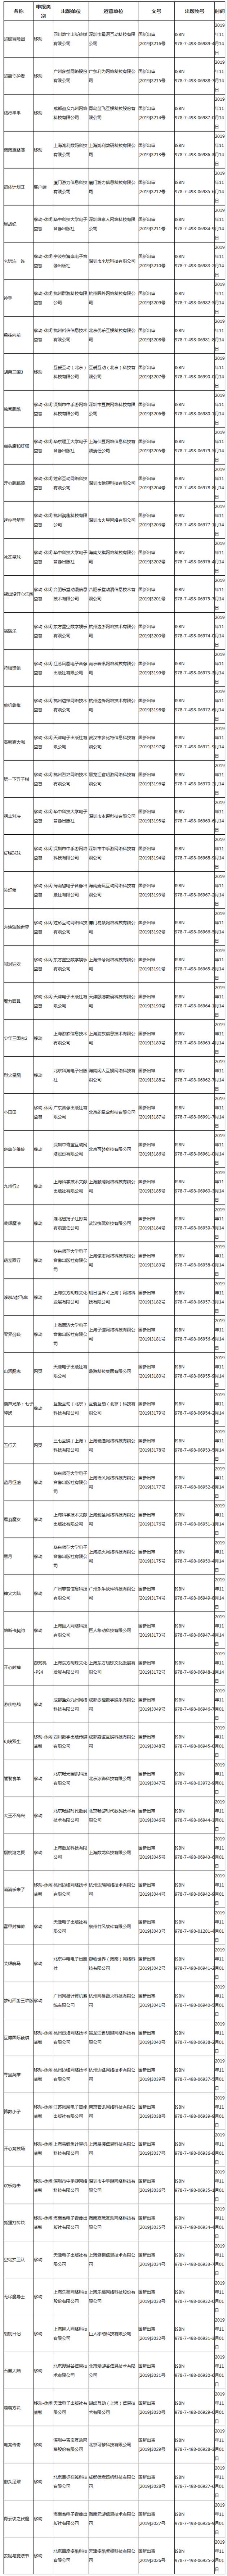 外围与竞彩对冲保本打法,今日报价:扬州在售楼盘报价动态信息(9.29)